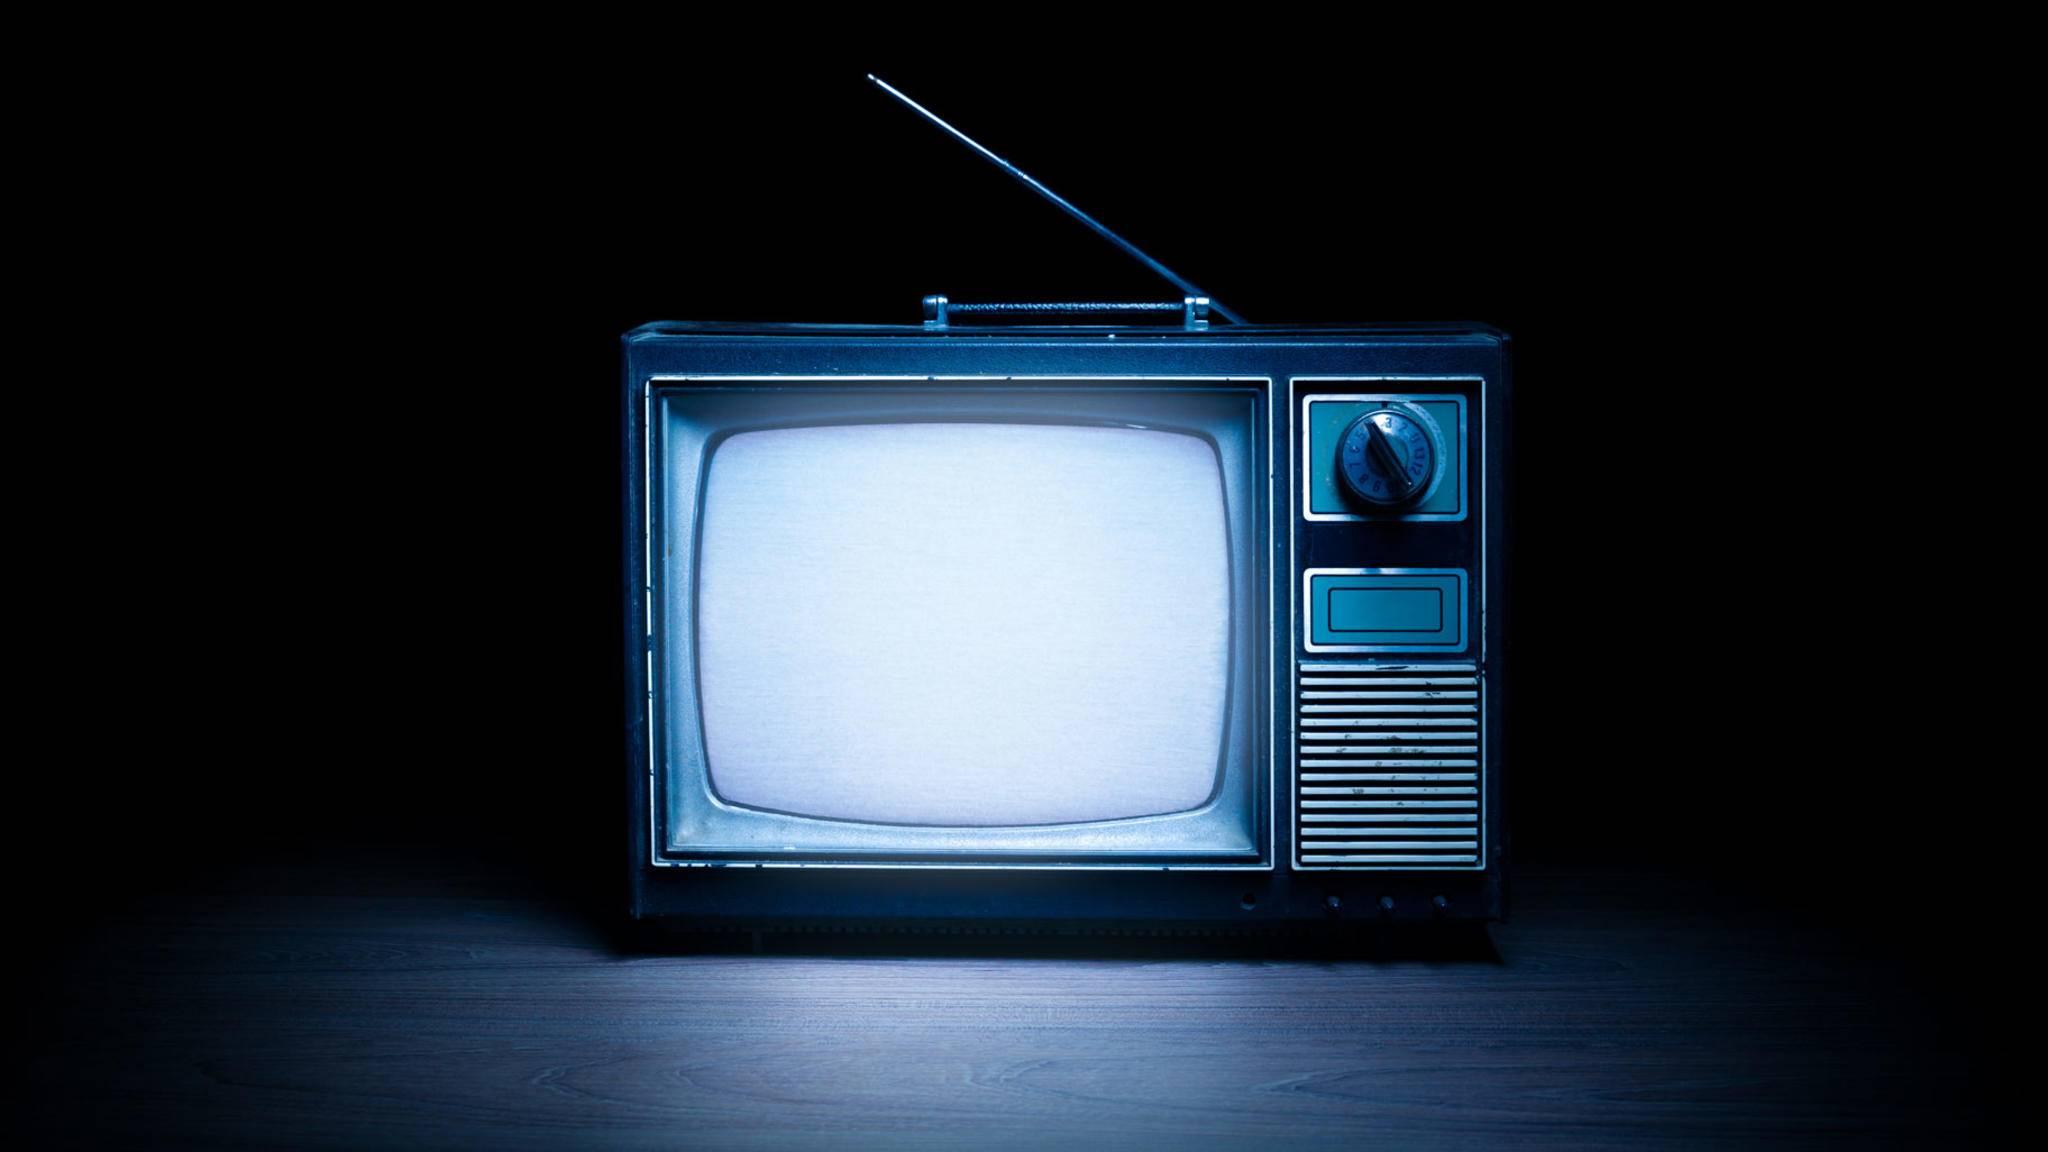 Die Tage des analogen Fernsehens sind gezählt.